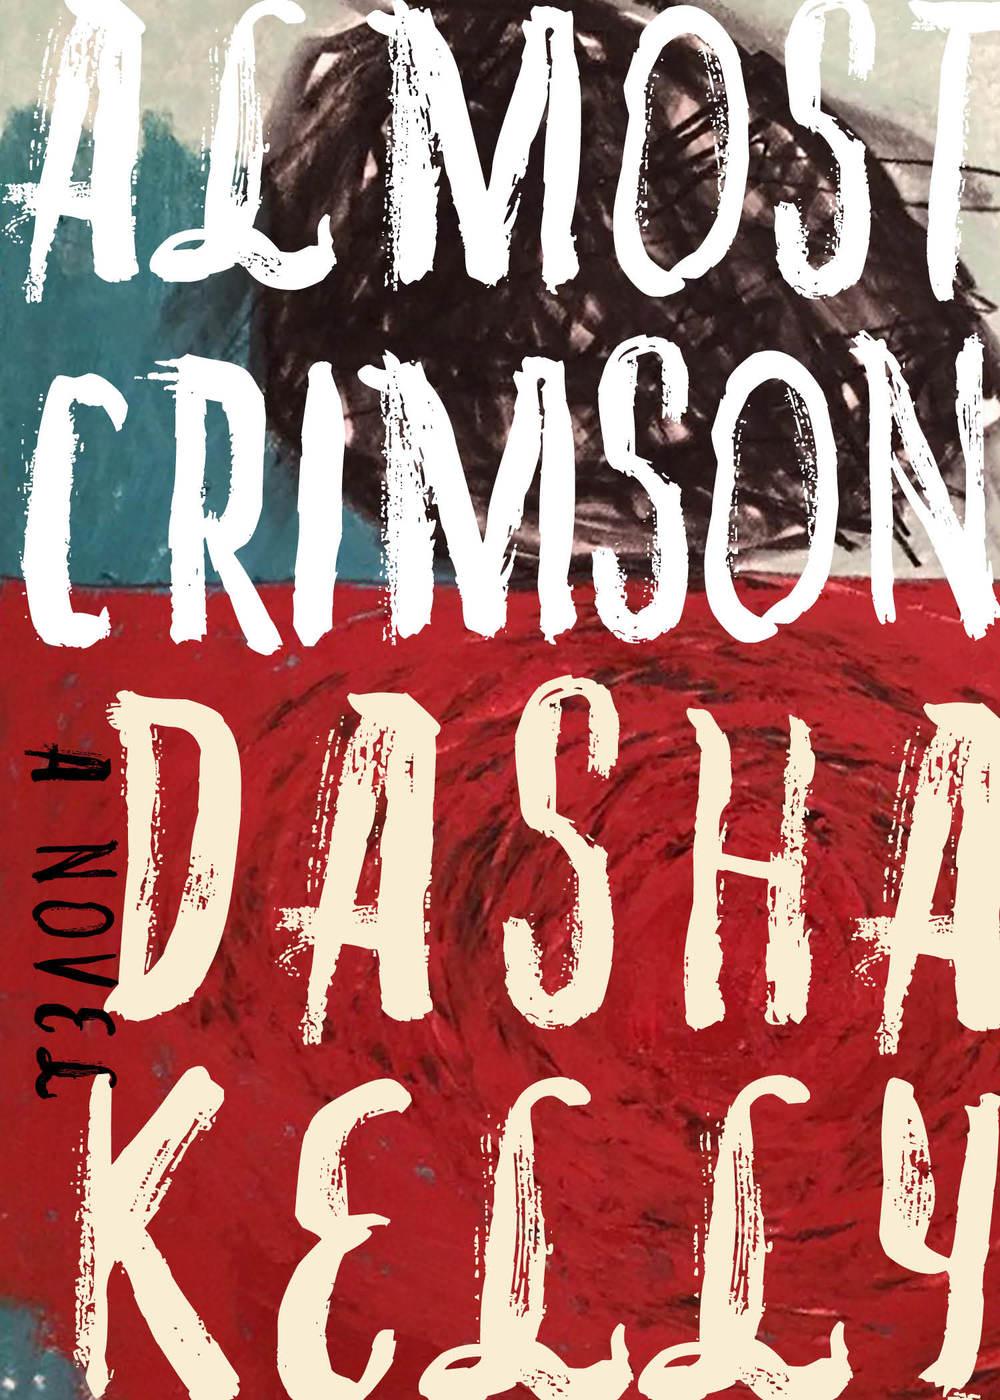 AlmostCrimson